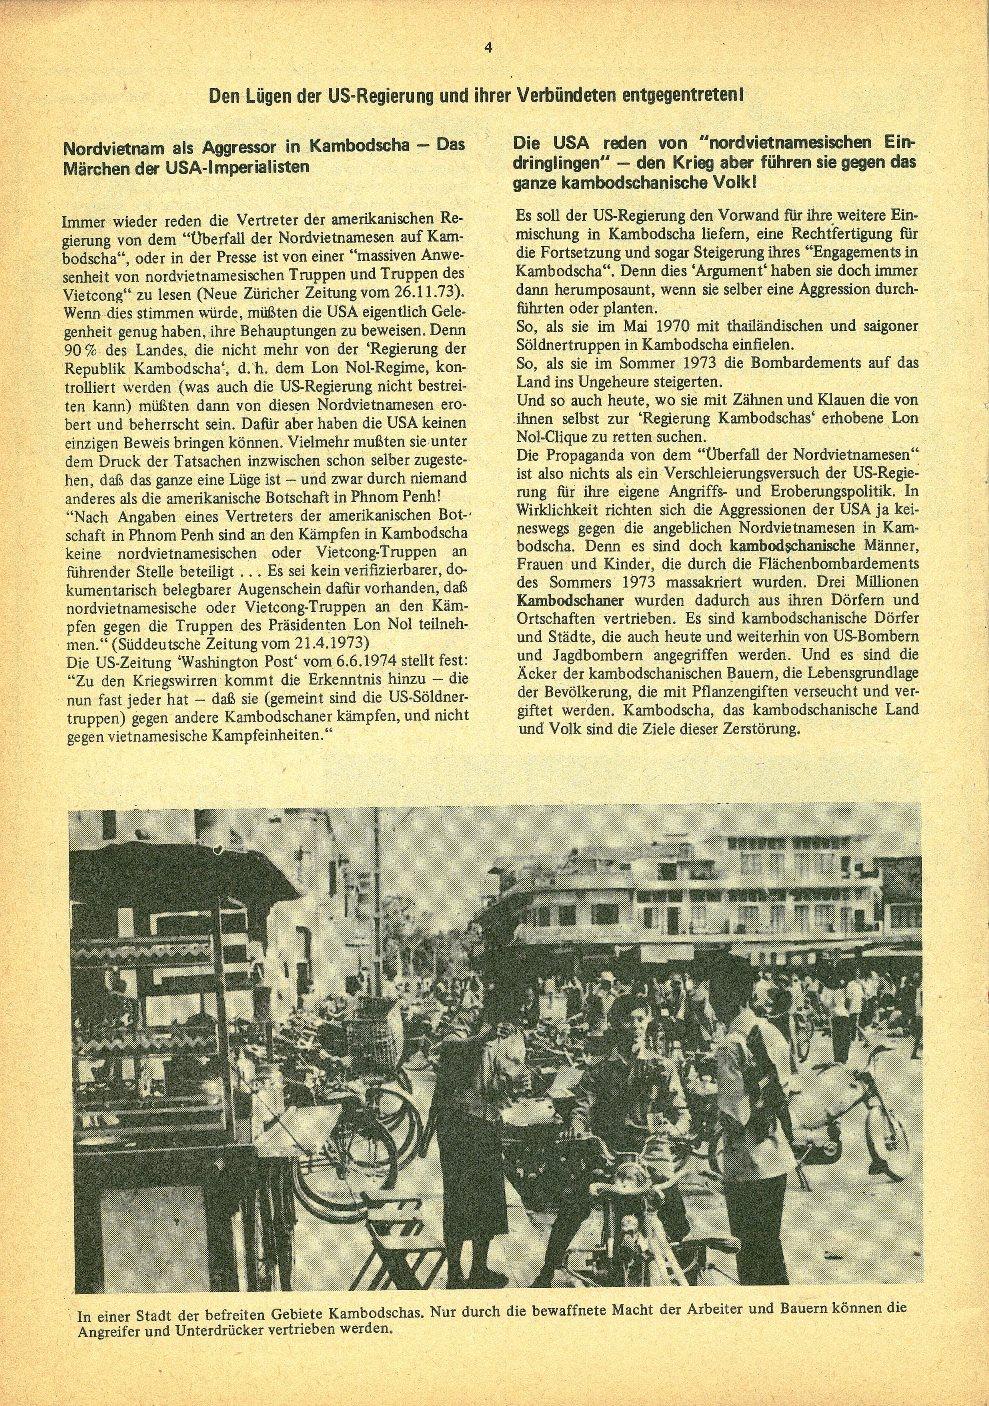 Kambodscha_1974_Das_Volk_besiegt_den_Imperialismus004